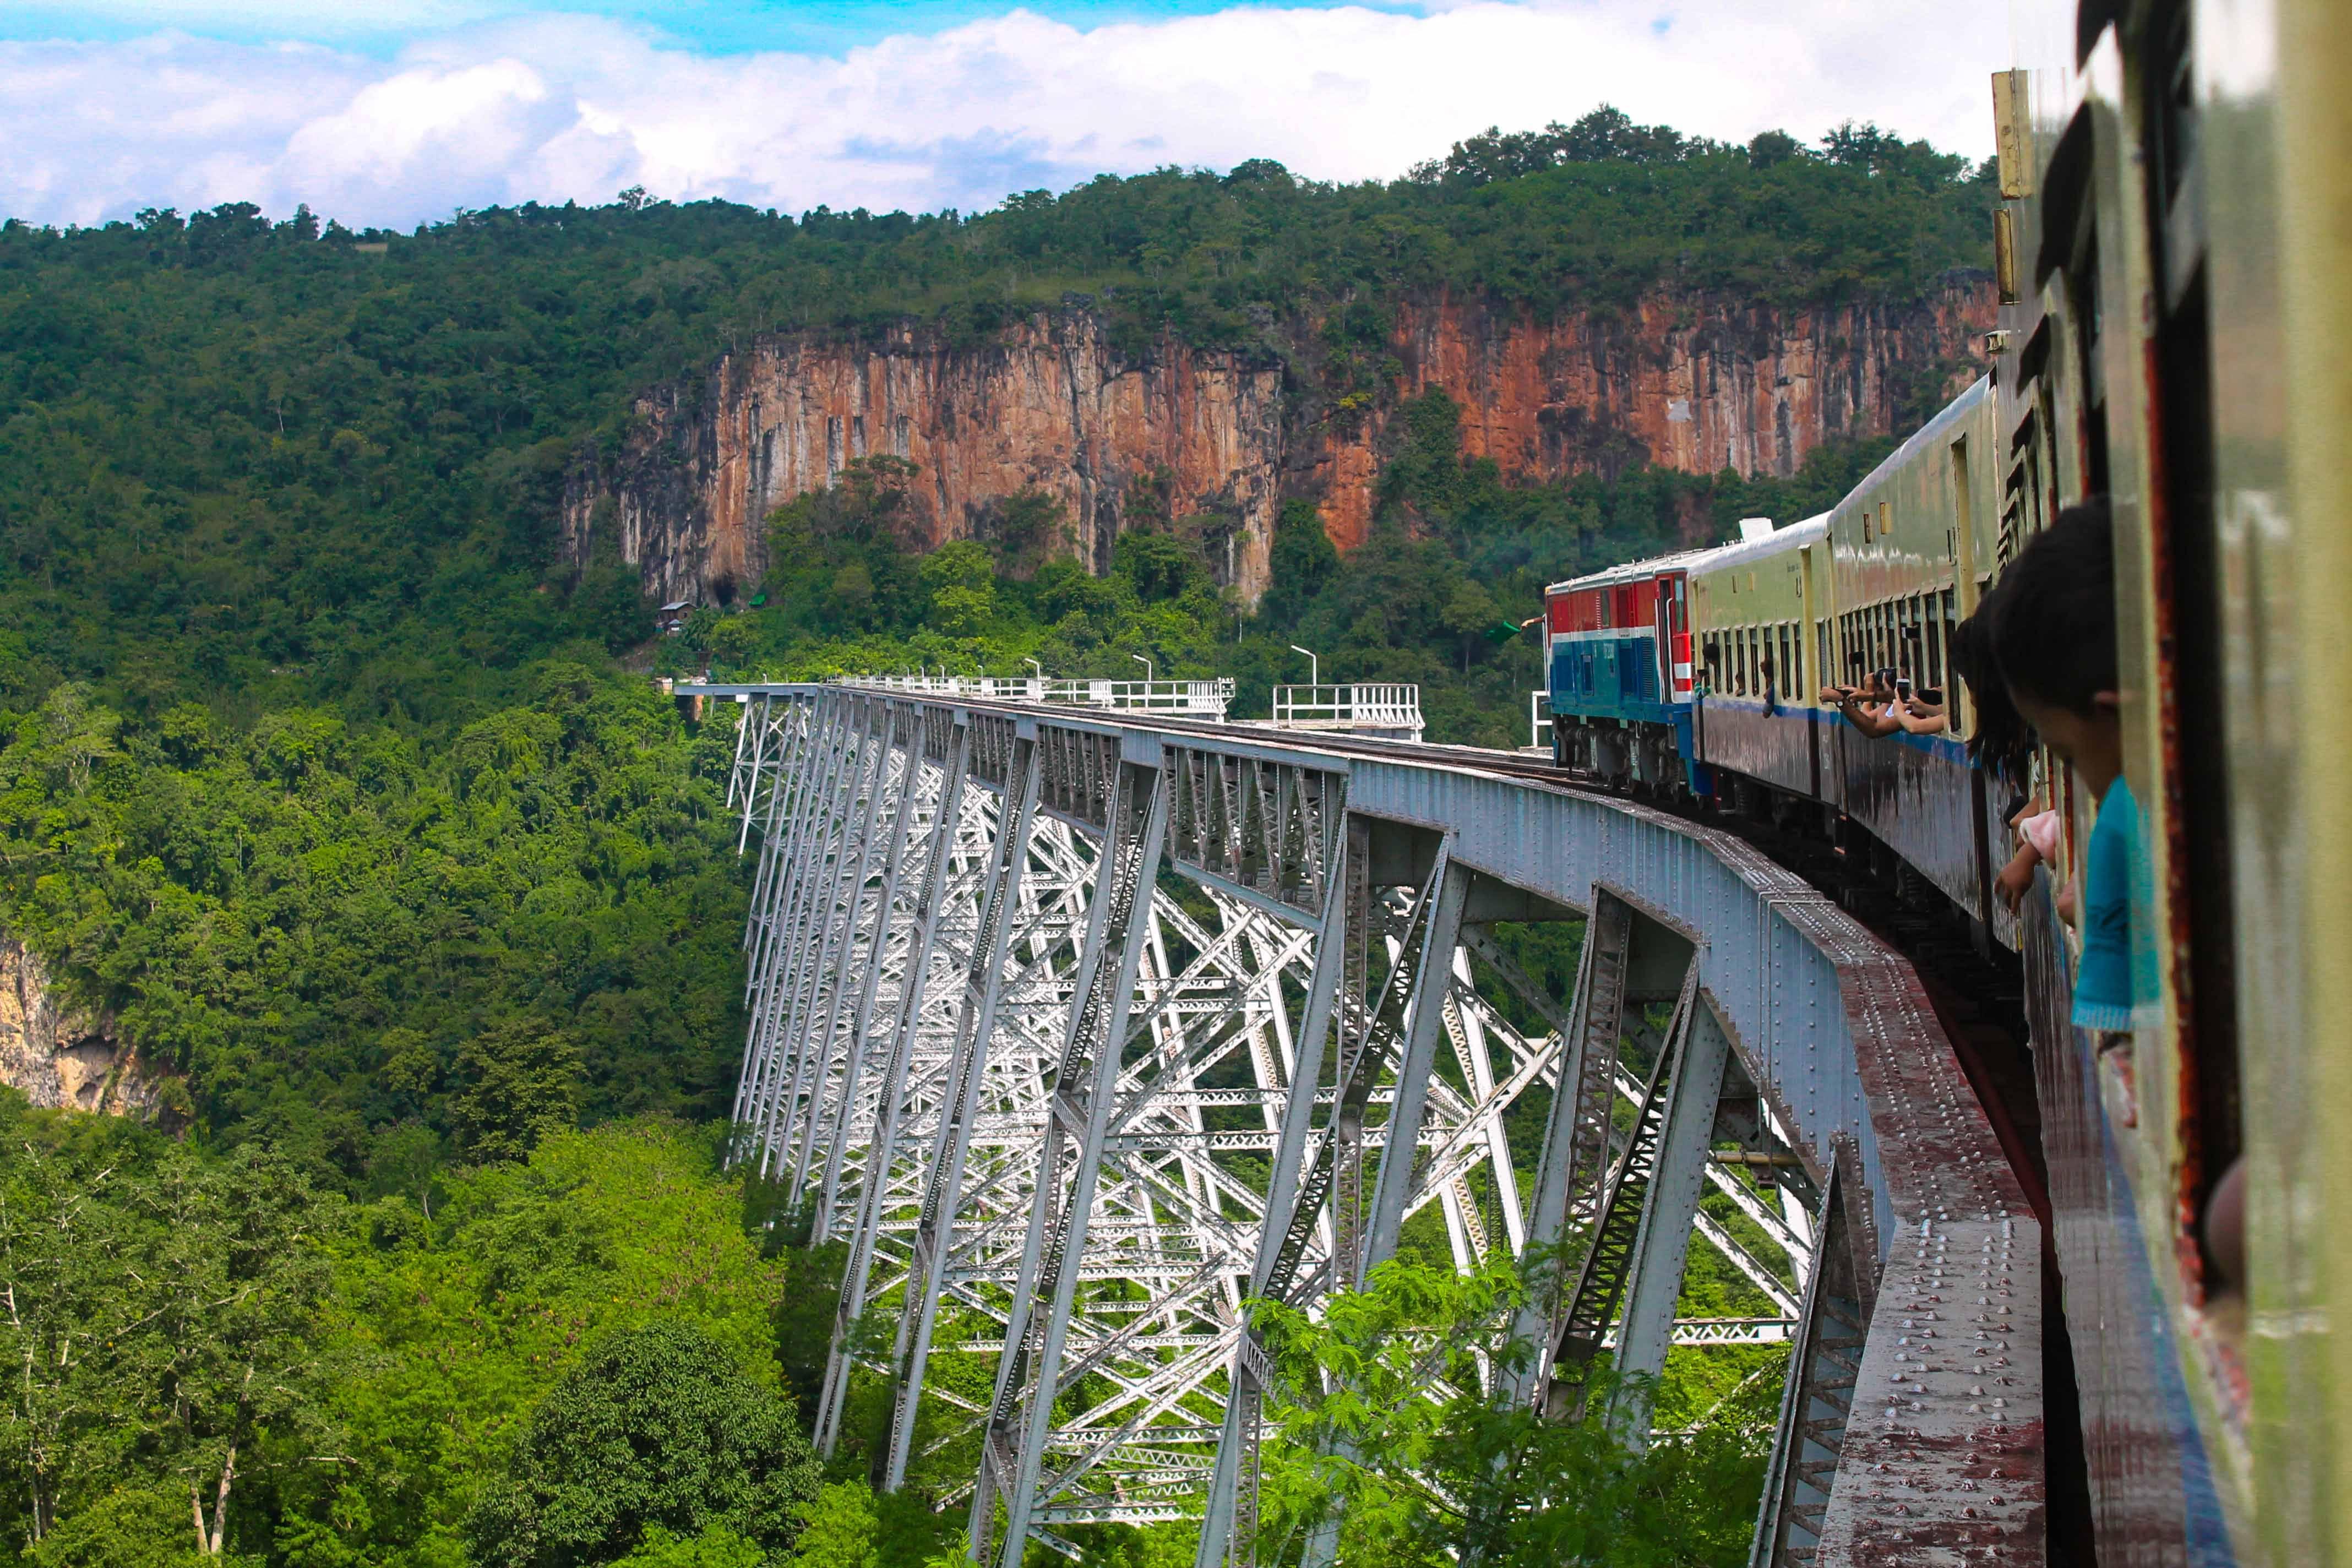 Trem no Myanmar – como é um trem no país e as classes para viajar